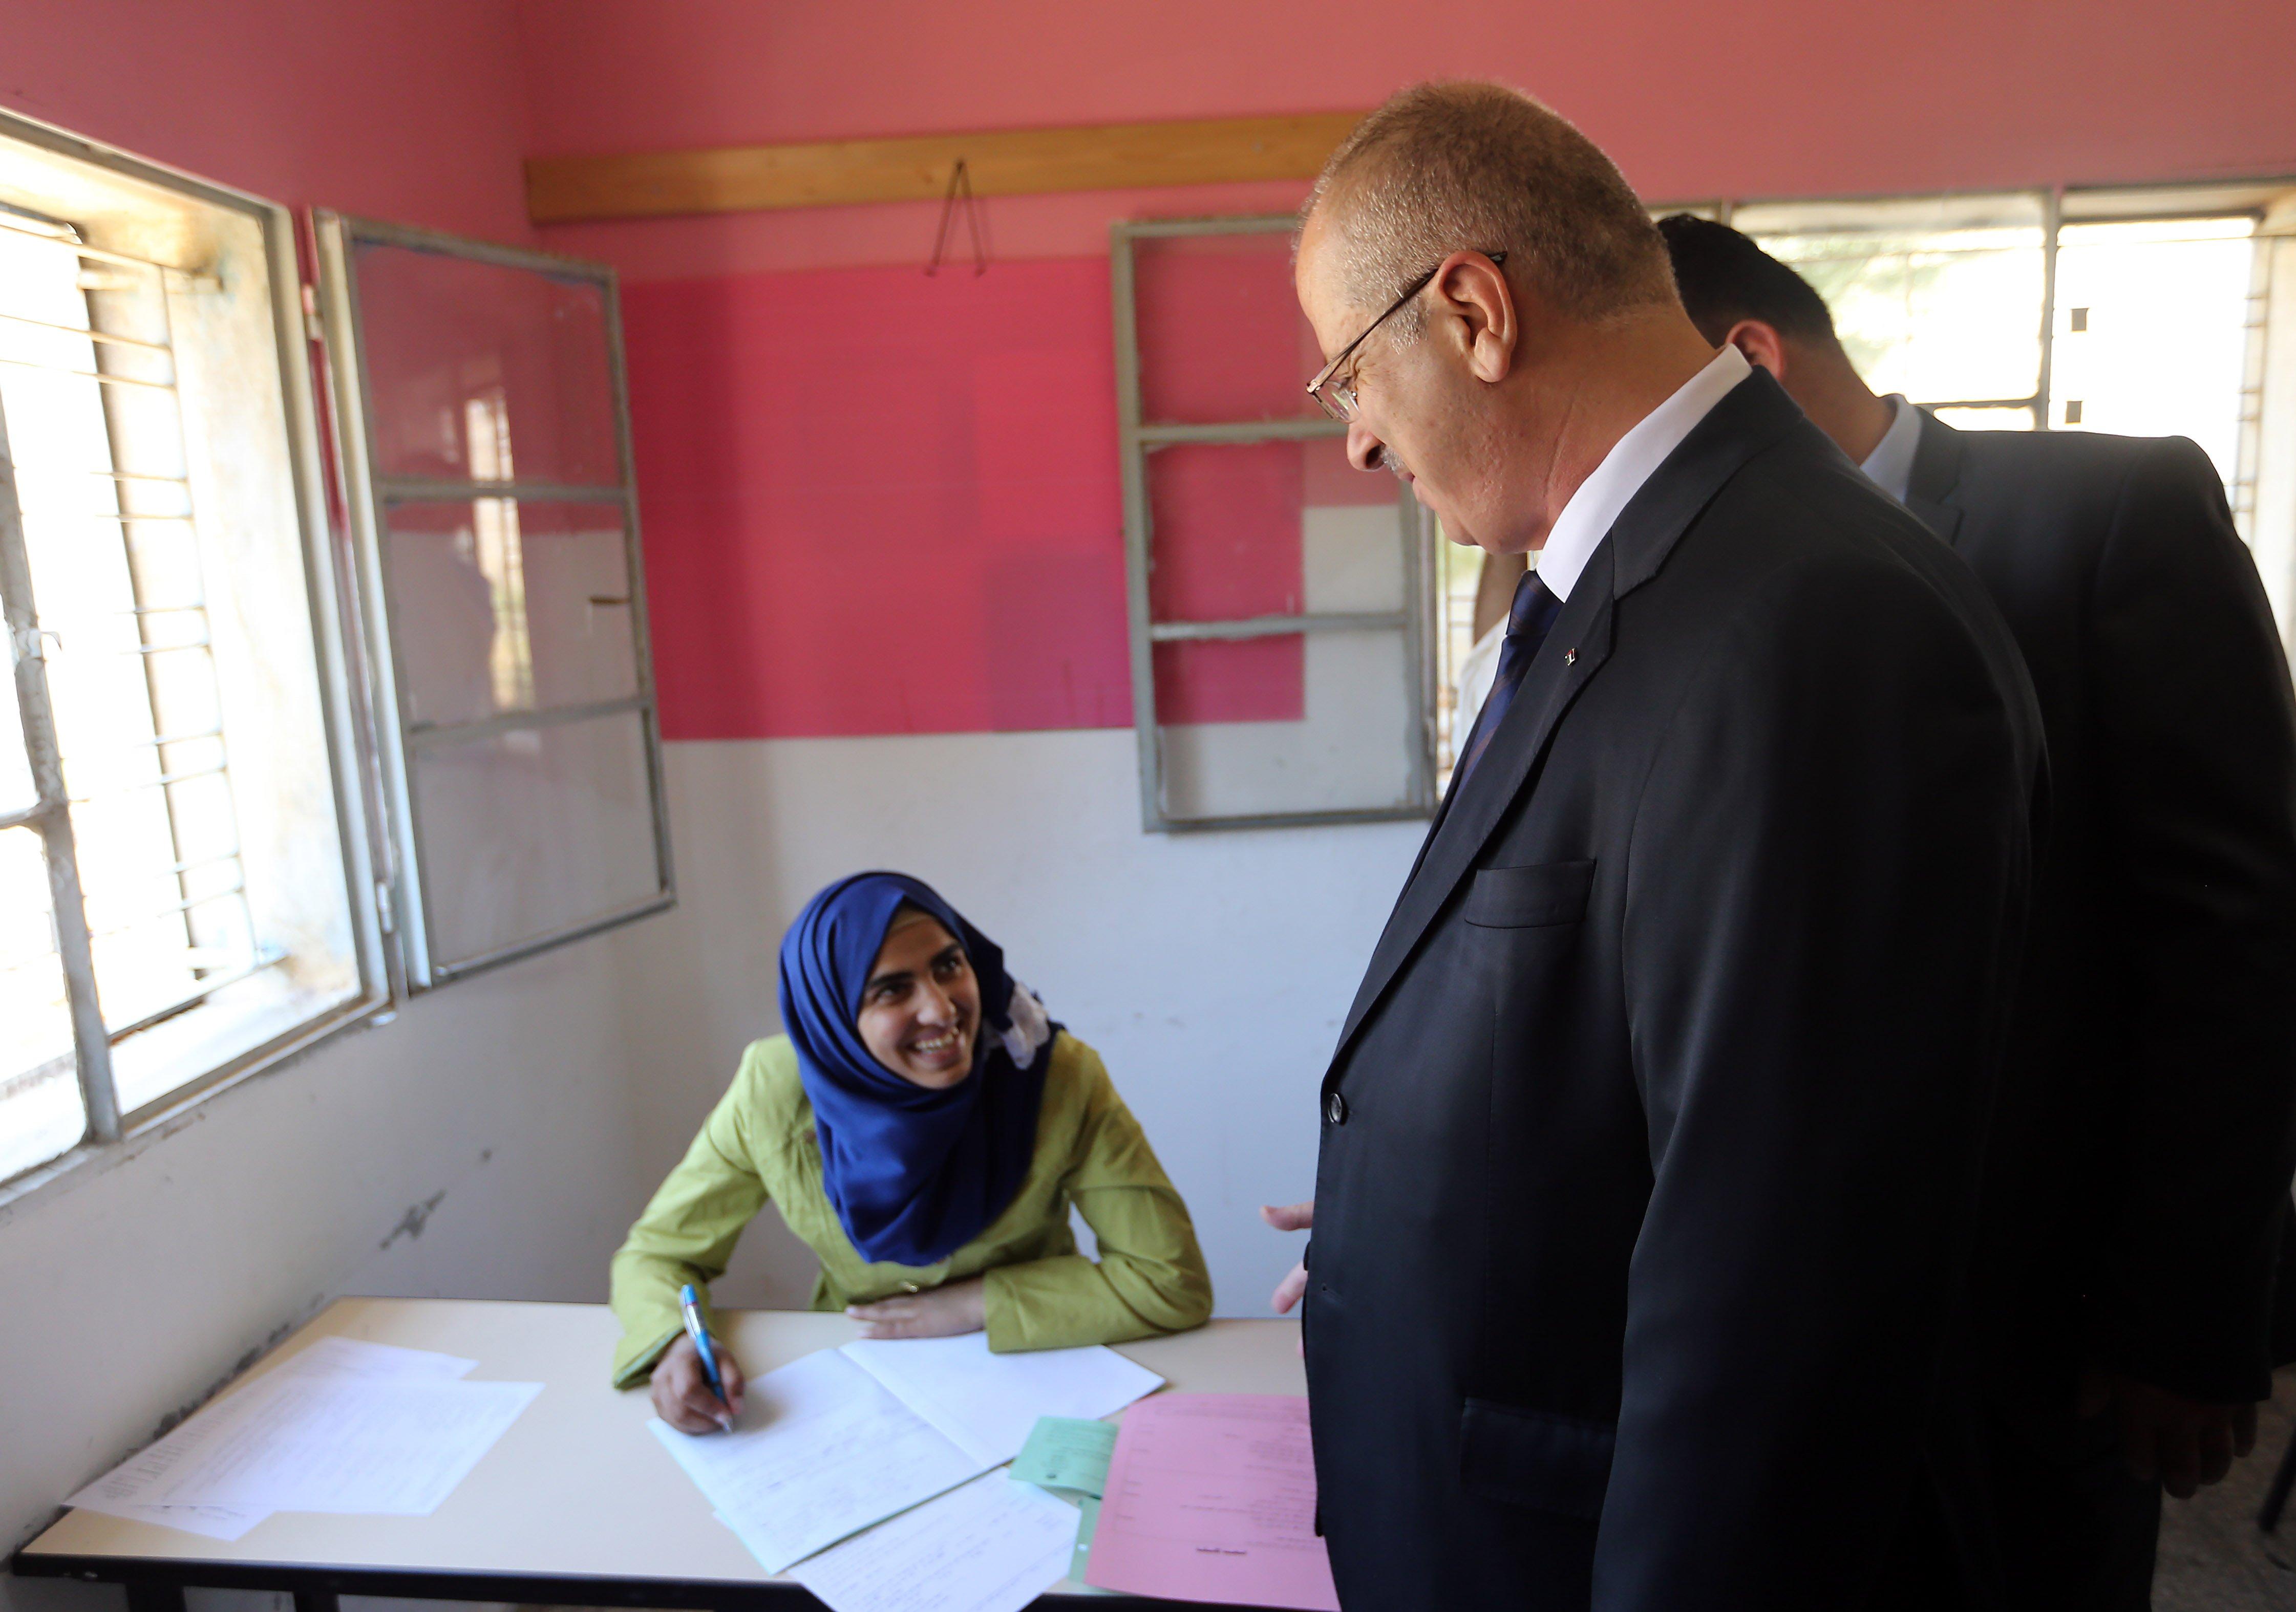 الضفة الغربية: نحو 72 ألف طالب وطالبة يتوجهون لتقديم امتحان الثانوية العامة